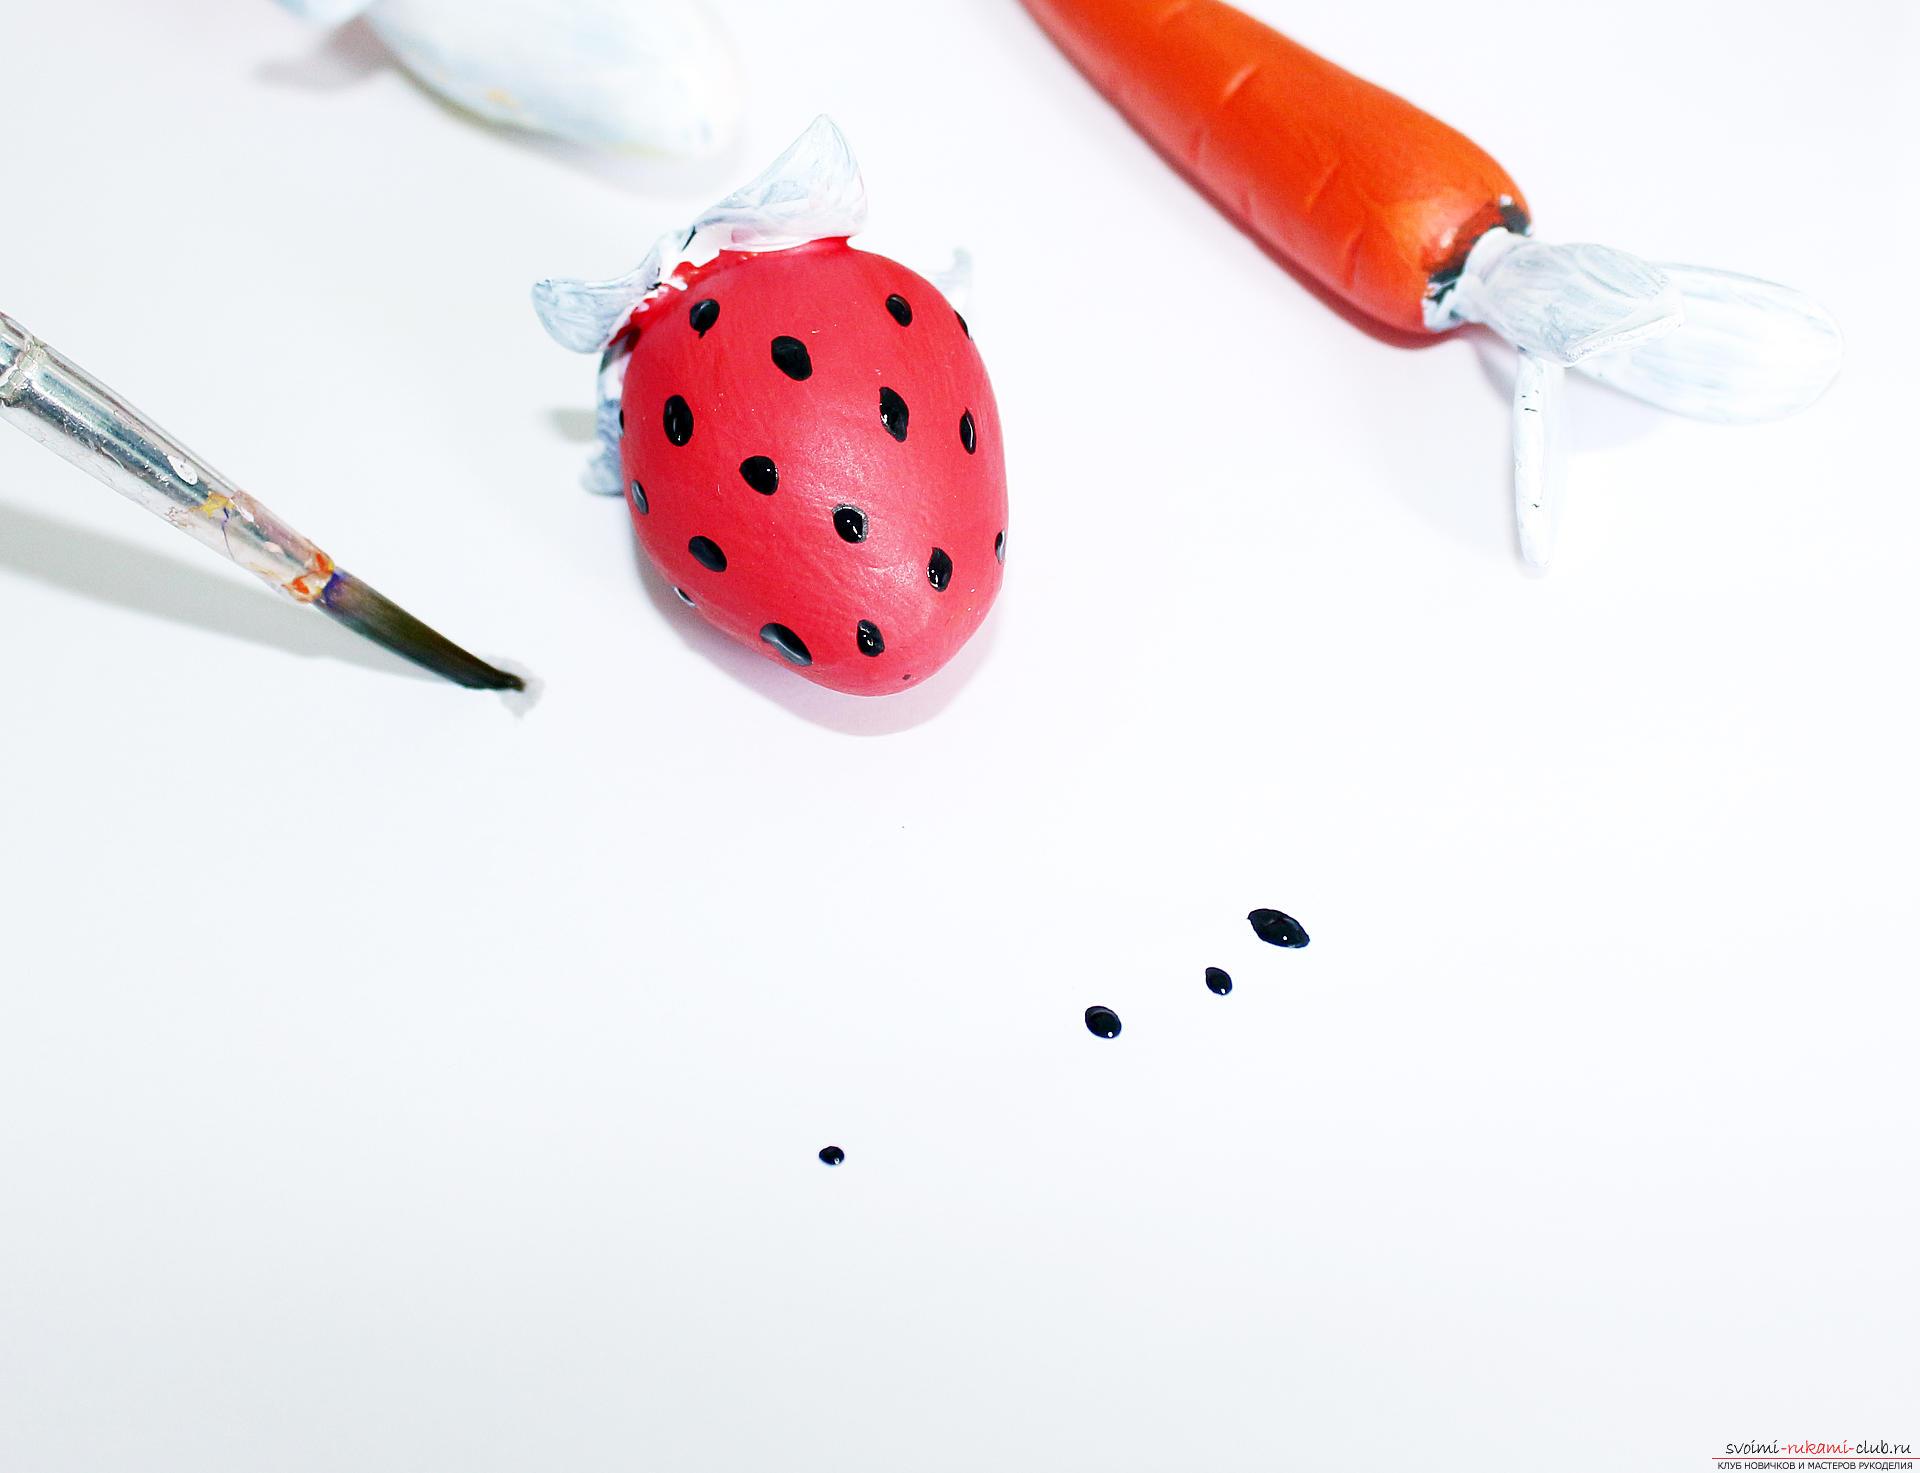 Этот подробный мастер-класс по лепке из полимерной глины расскажет как сделать своими руками фигурки из полимерной глины - овощи и фрукты для детей.. Фото №50